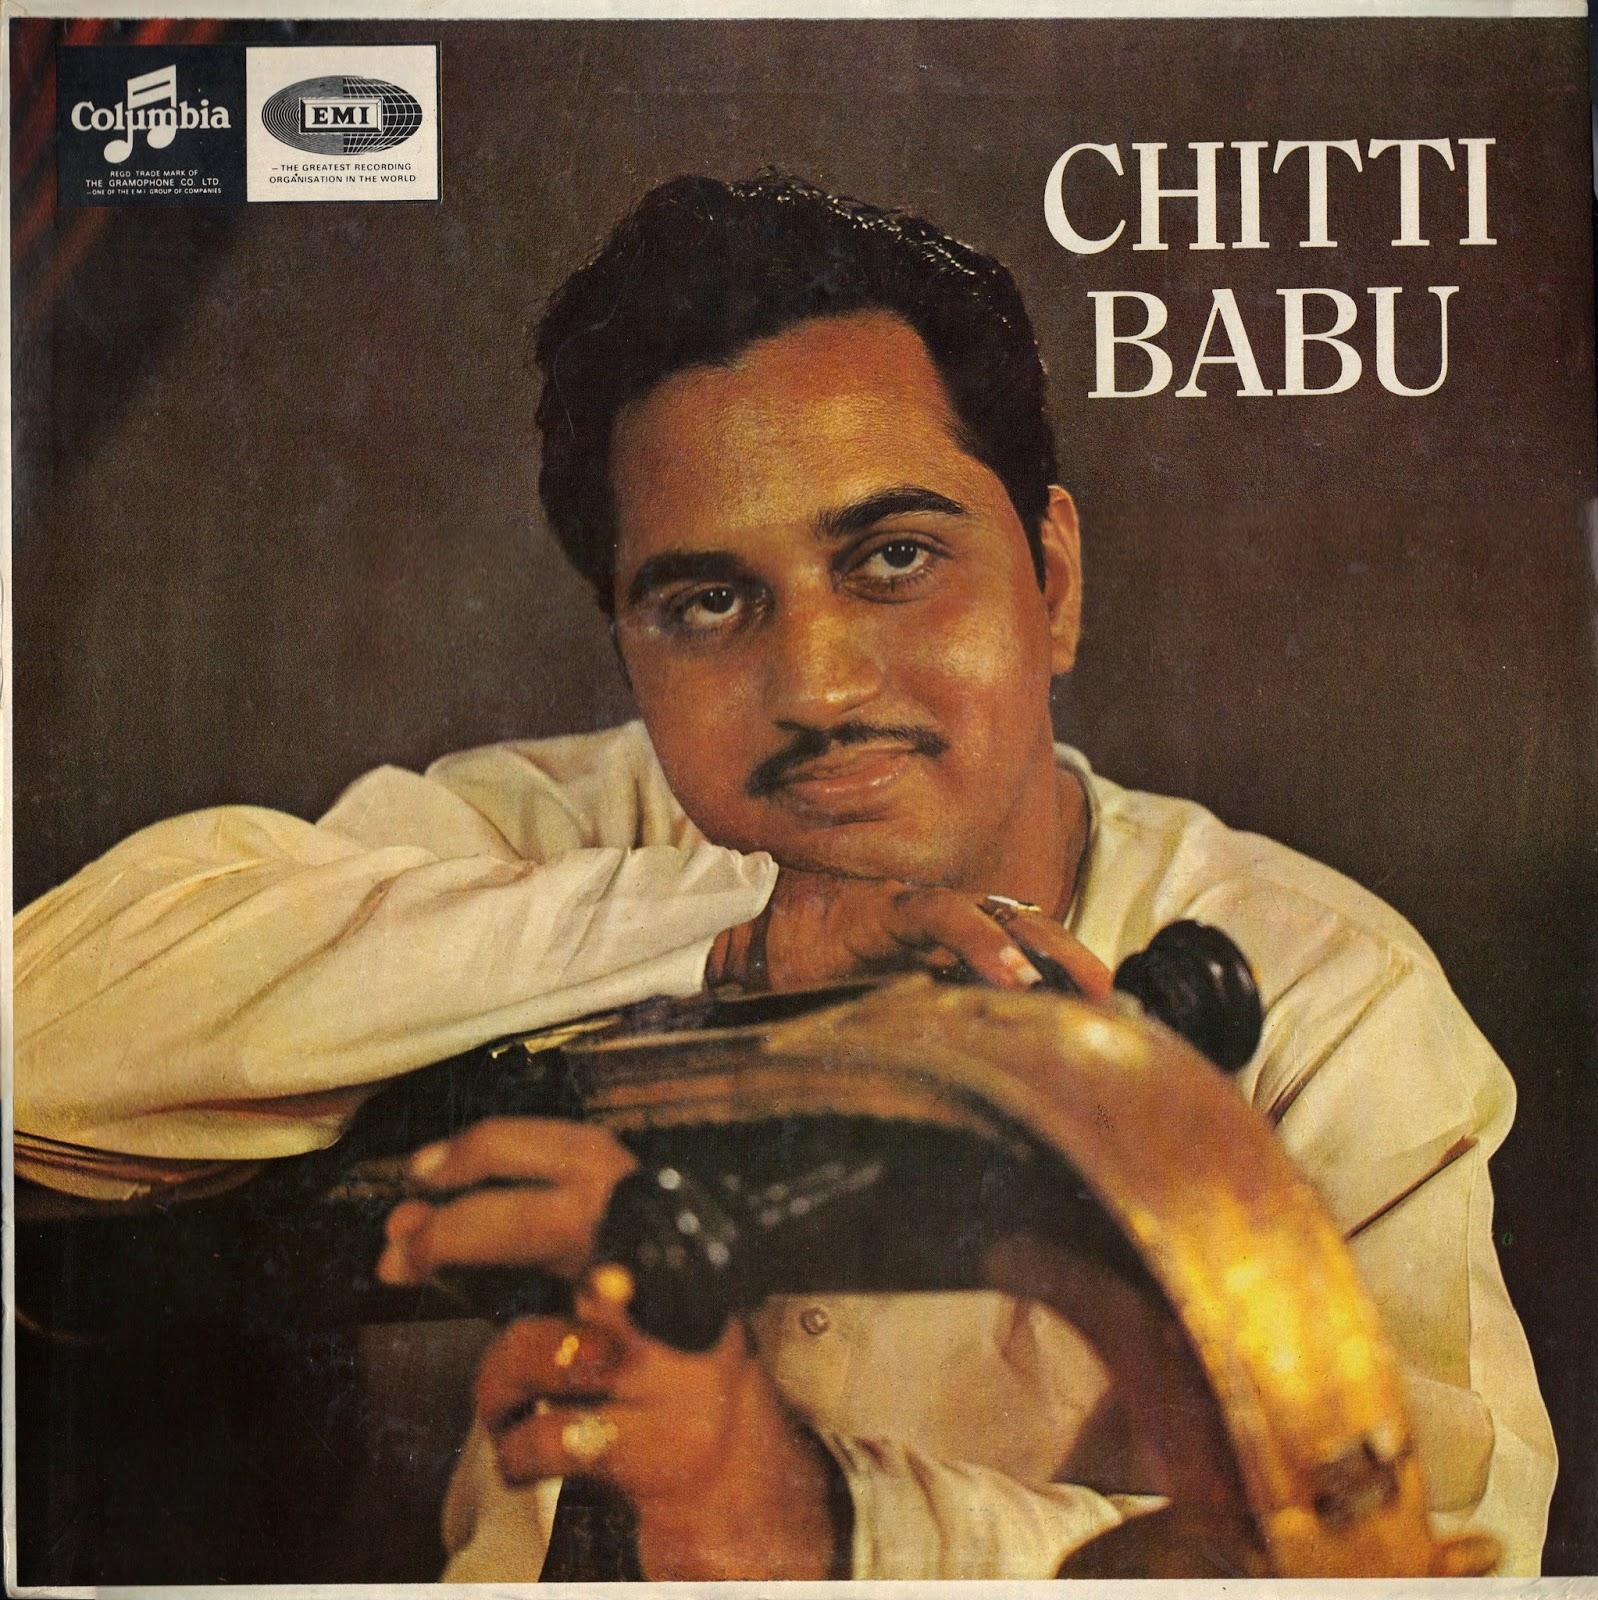 More by Chitti Babu